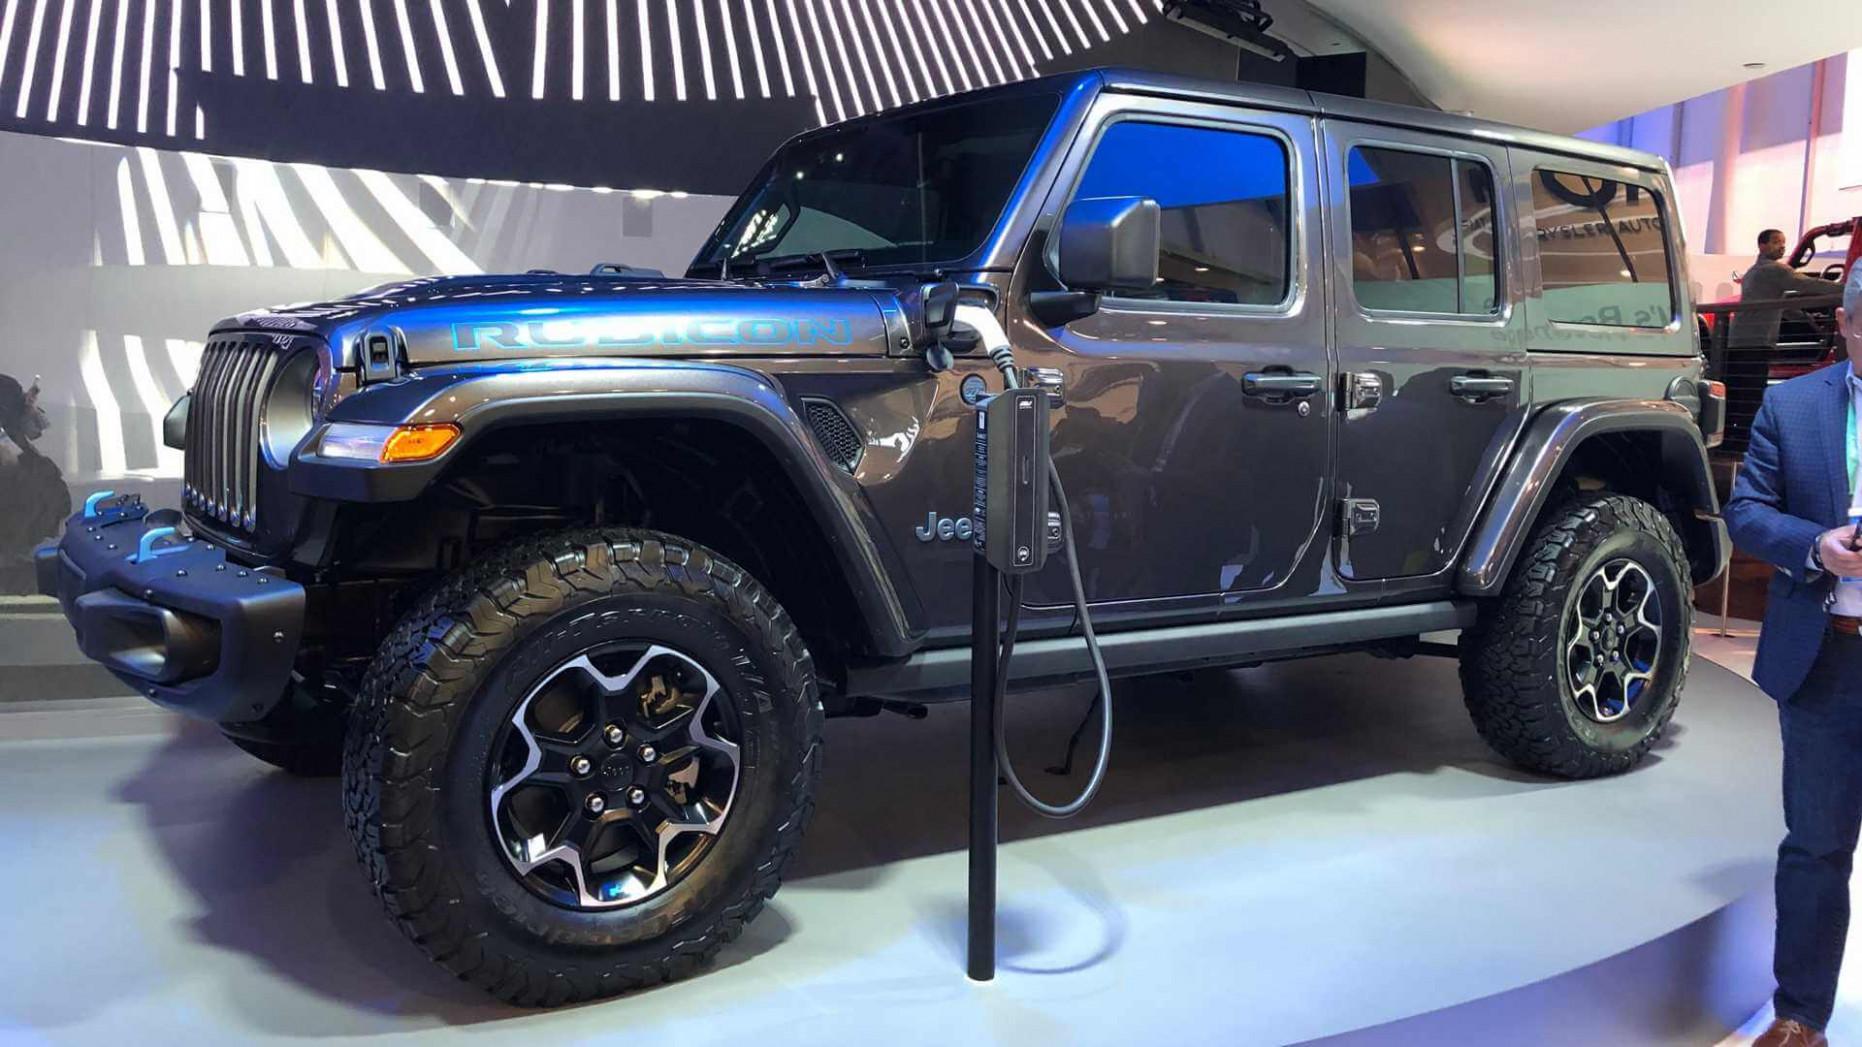 Release Date Jeep Wrangler Rubicon 2022